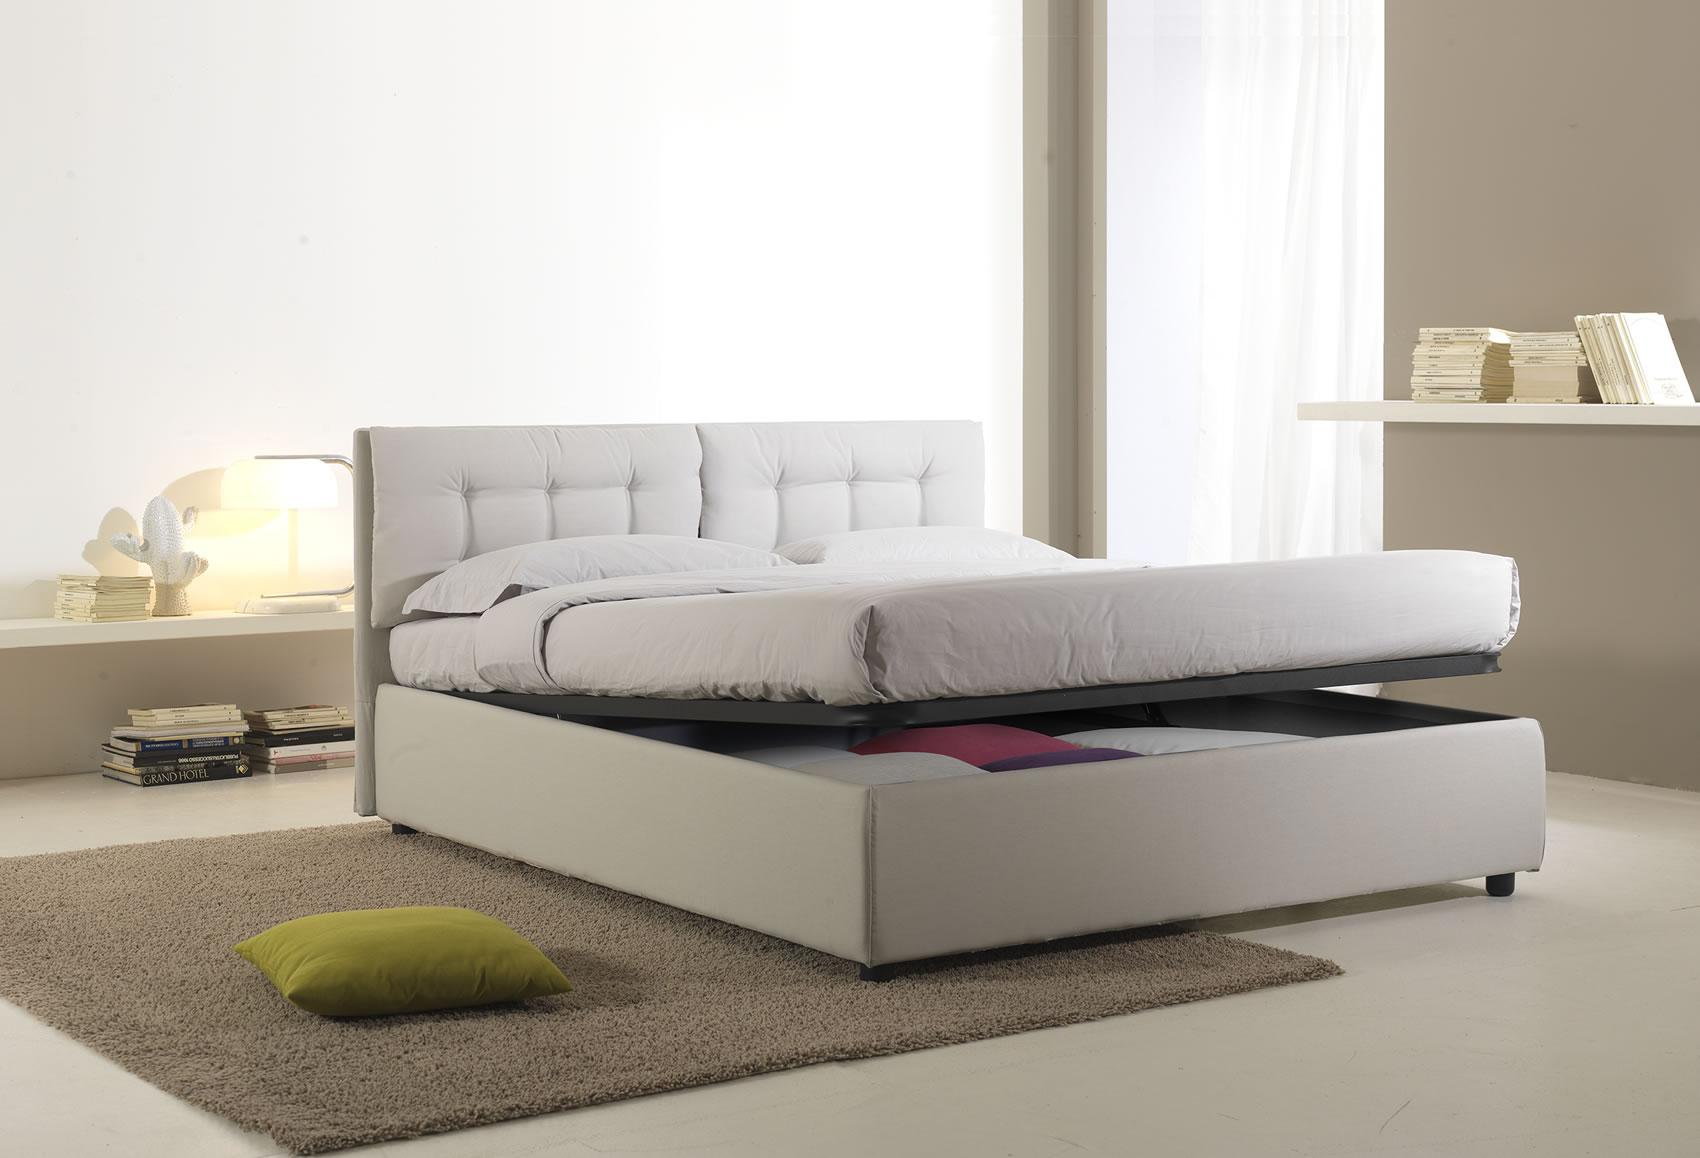 Ikea letti singoli con contenitore disegno idea testiera - Camere da letto singole ikea ...